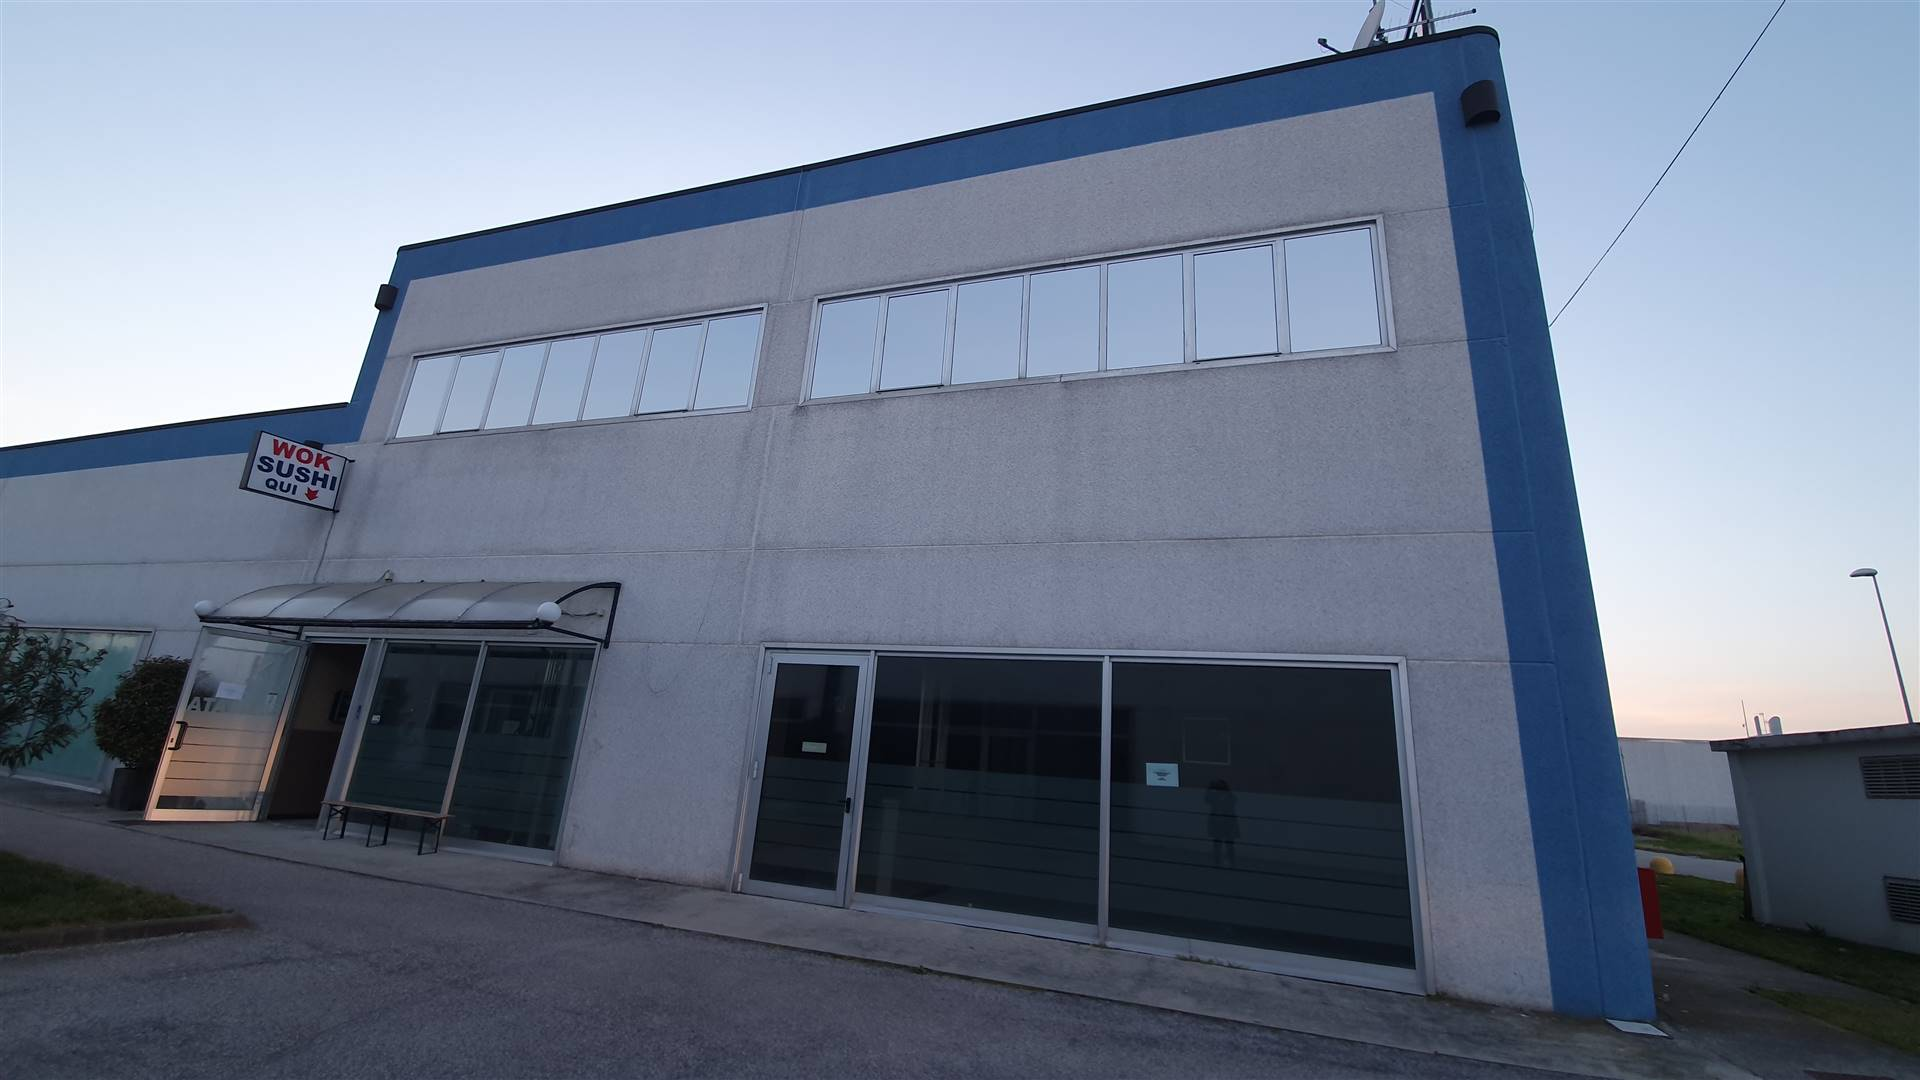 Ristorante / Pizzeria / Trattoria in affitto a Curtatone, 4 locali, prezzo € 3.000 | PortaleAgenzieImmobiliari.it